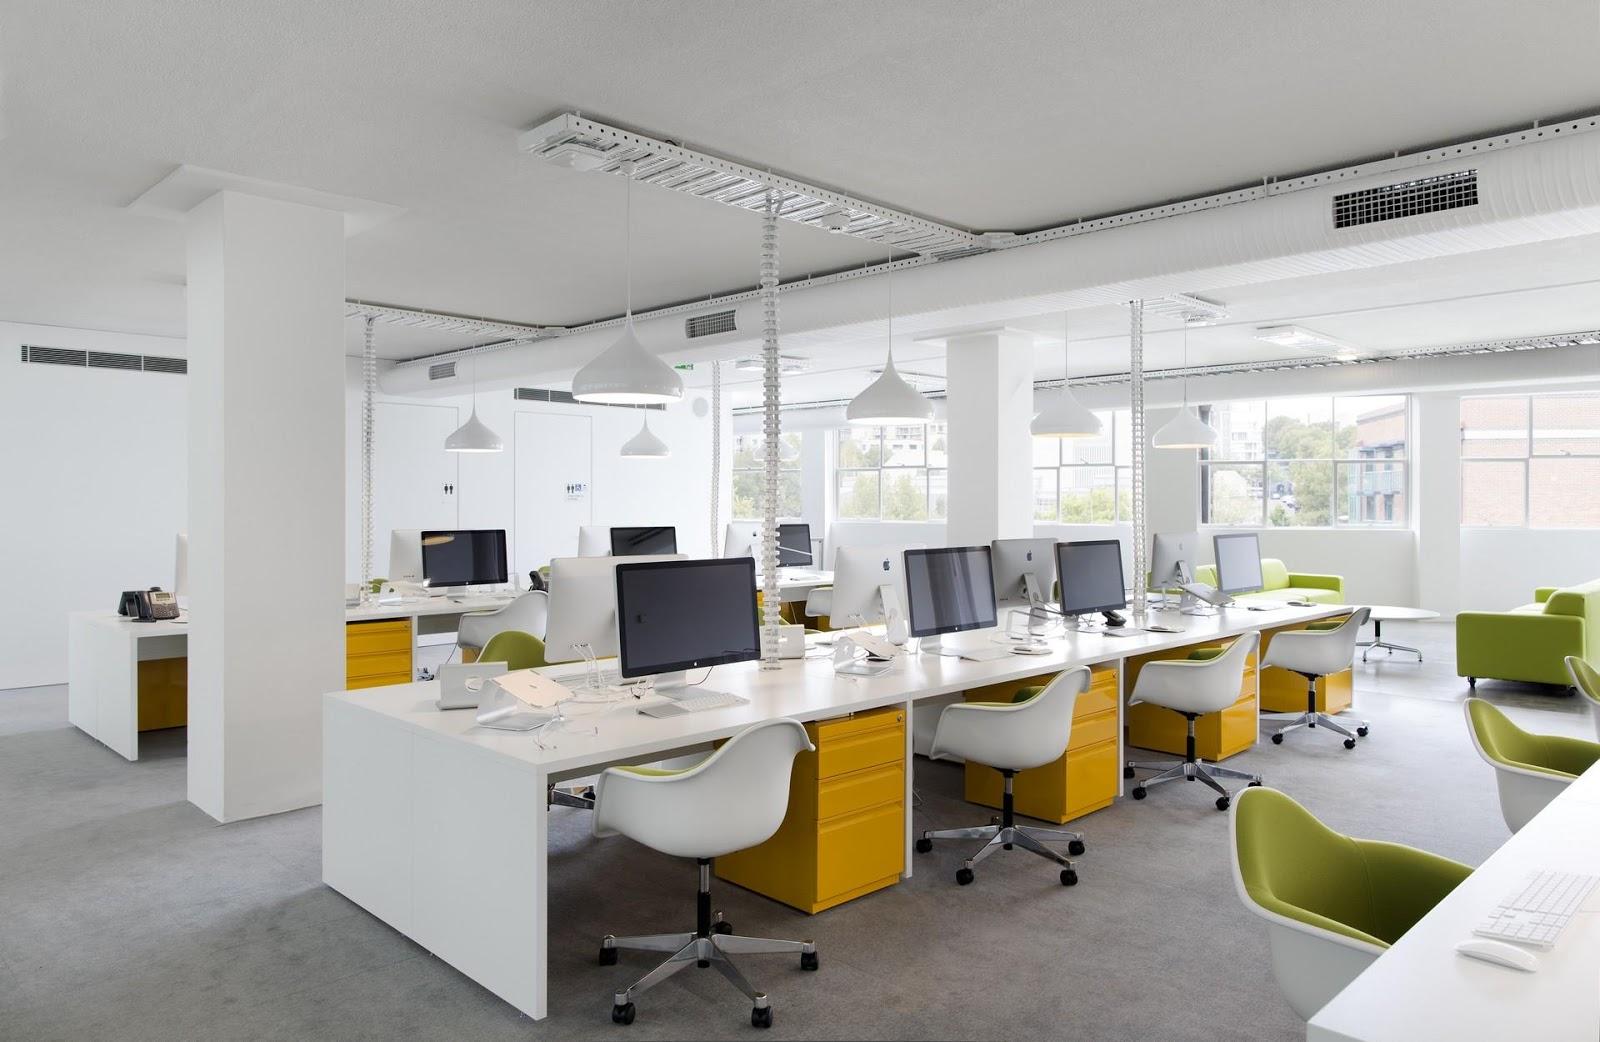 Nguồn cung văn phòng Hà Nội đón thêm hơn 200.000 m2 sàn - Ảnh 1.